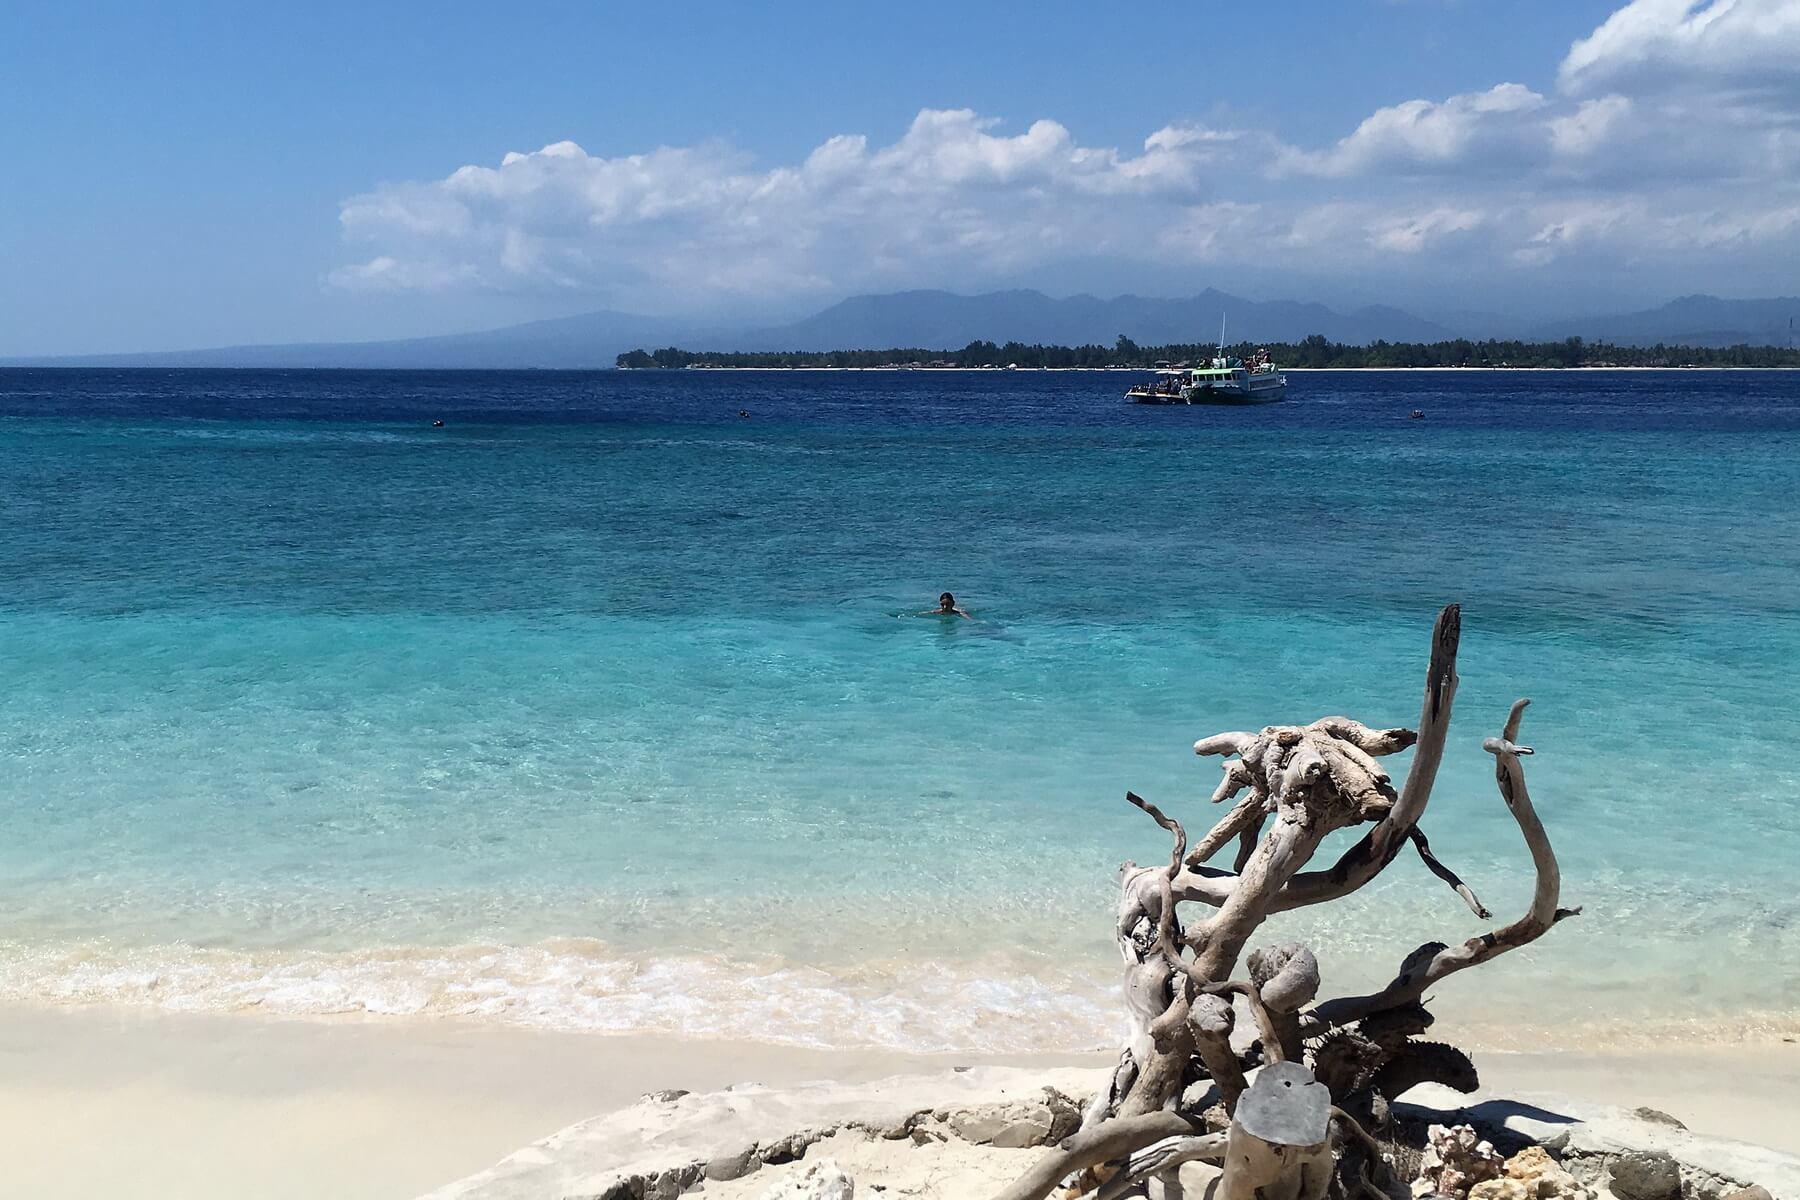 Kristallklares Wasser und weißer Sandstrand auf den Gilis, vor Lombok.